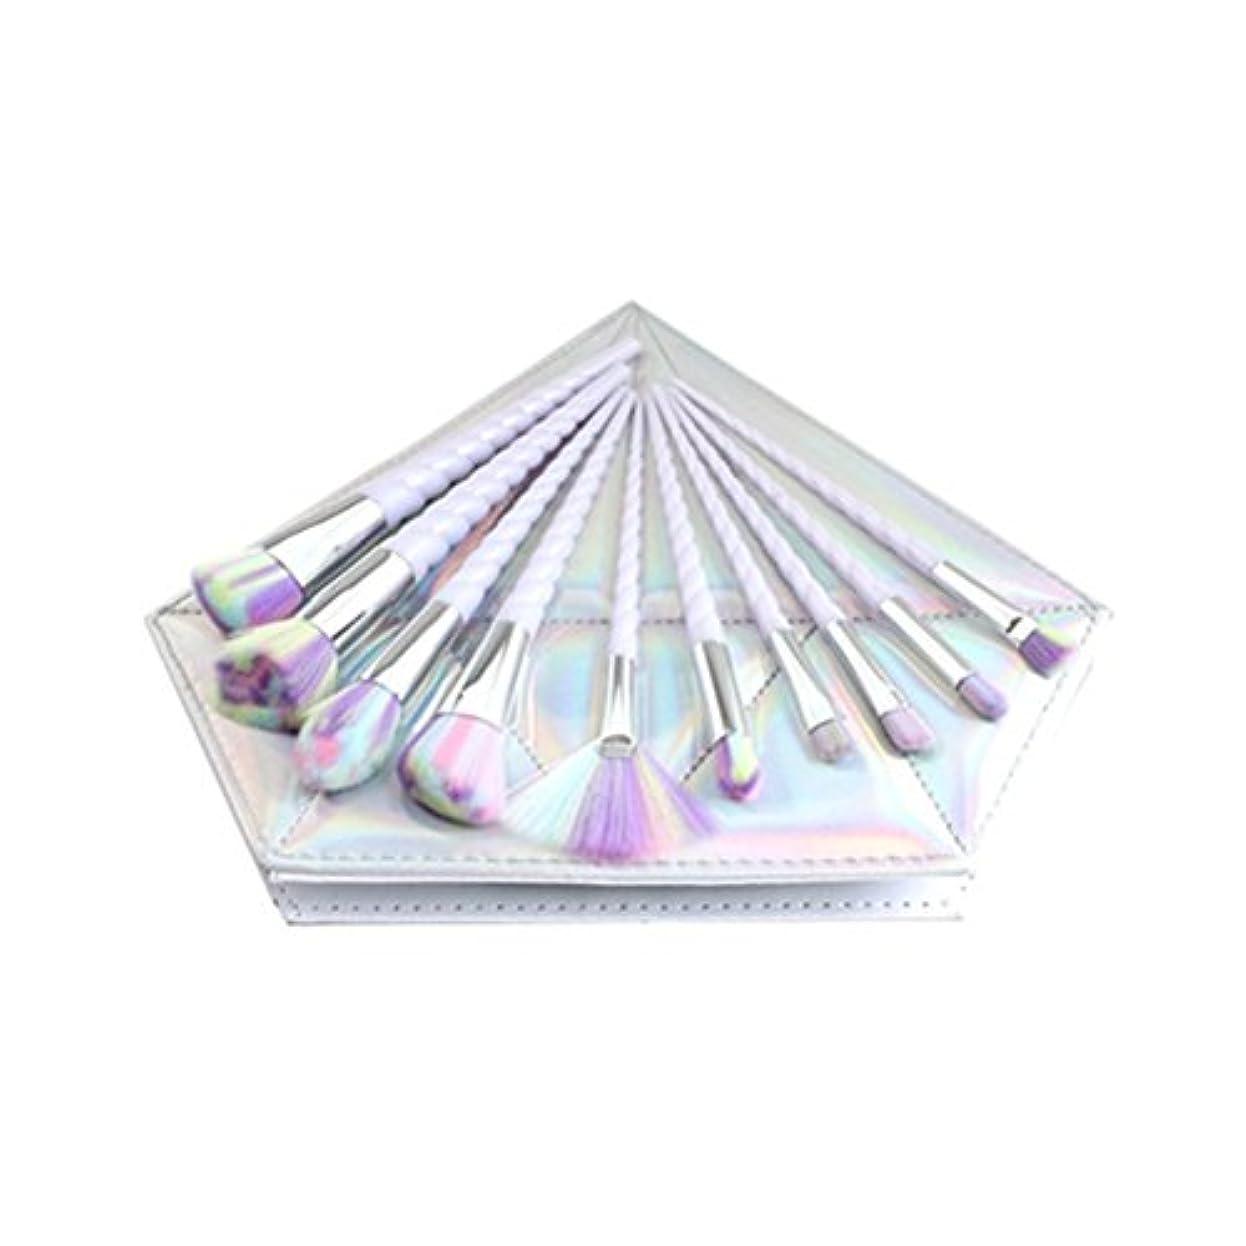 粒パトロン工場Dilla Beauty 10本セットユニコーンデザインプラスチックハンドル形状メイクブラシセット合成毛ファンデーションブラシアイシャドーブラッシャー美容ツール美しい化粧品のバッグを送る (白いハンドル - 多色の毛)